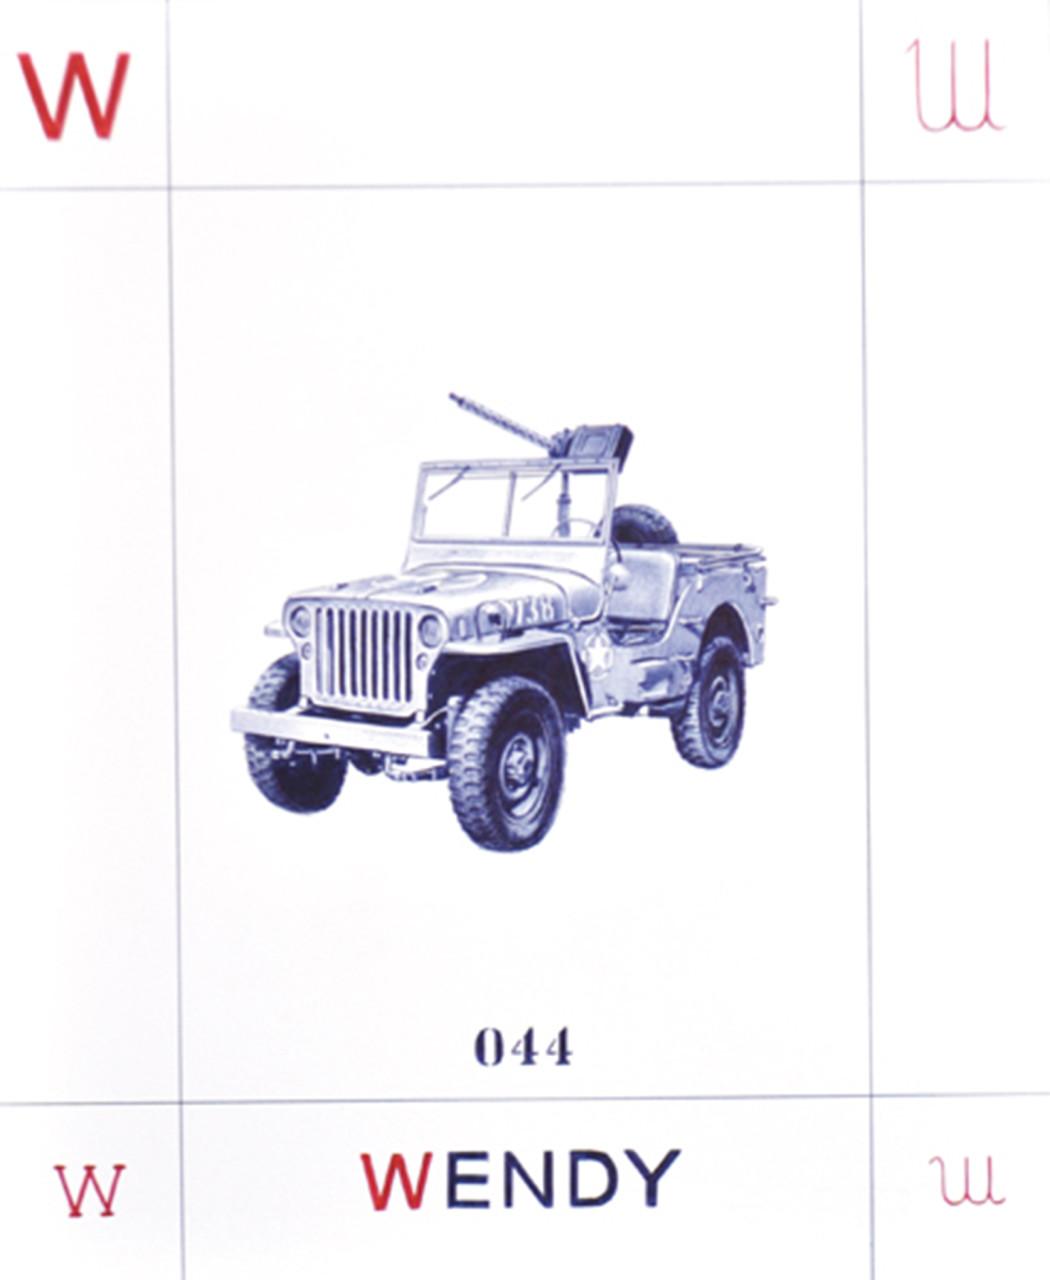 46W-Wendy_bassa